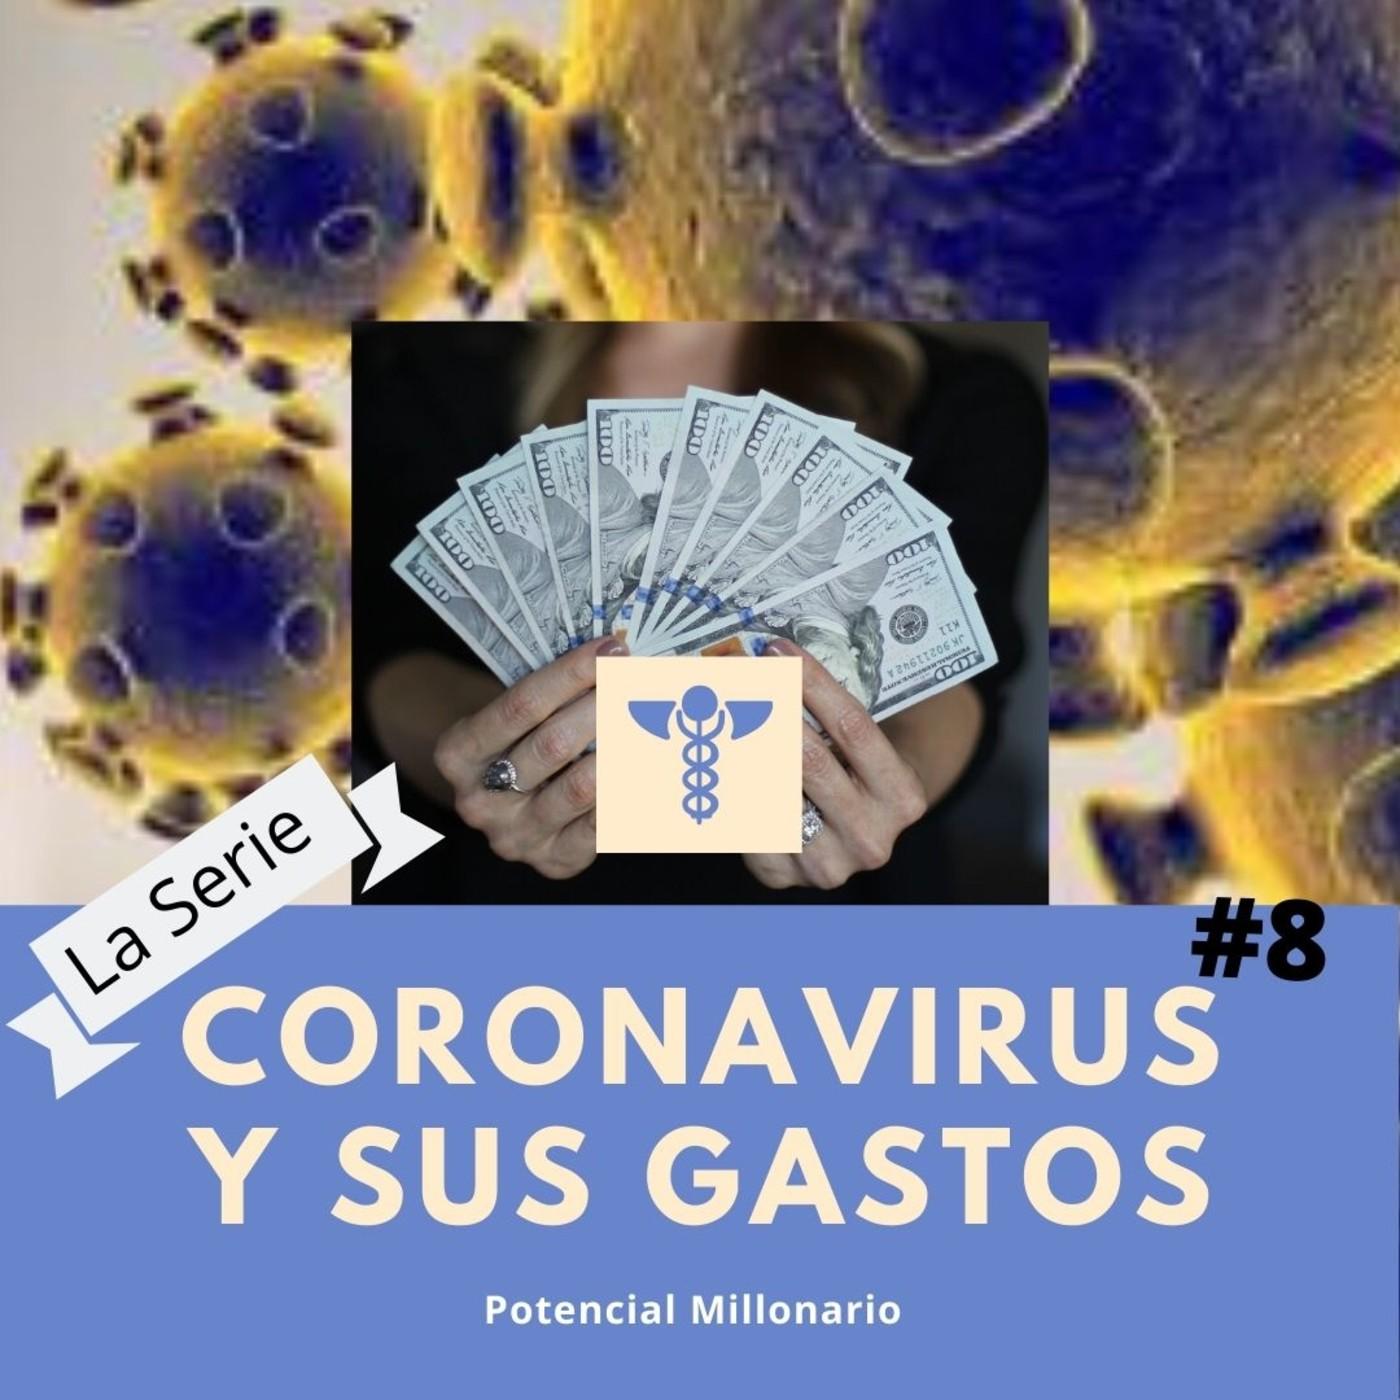 Coronavirus y tus gastos en Potencial Millonario con Felix A. Montelara